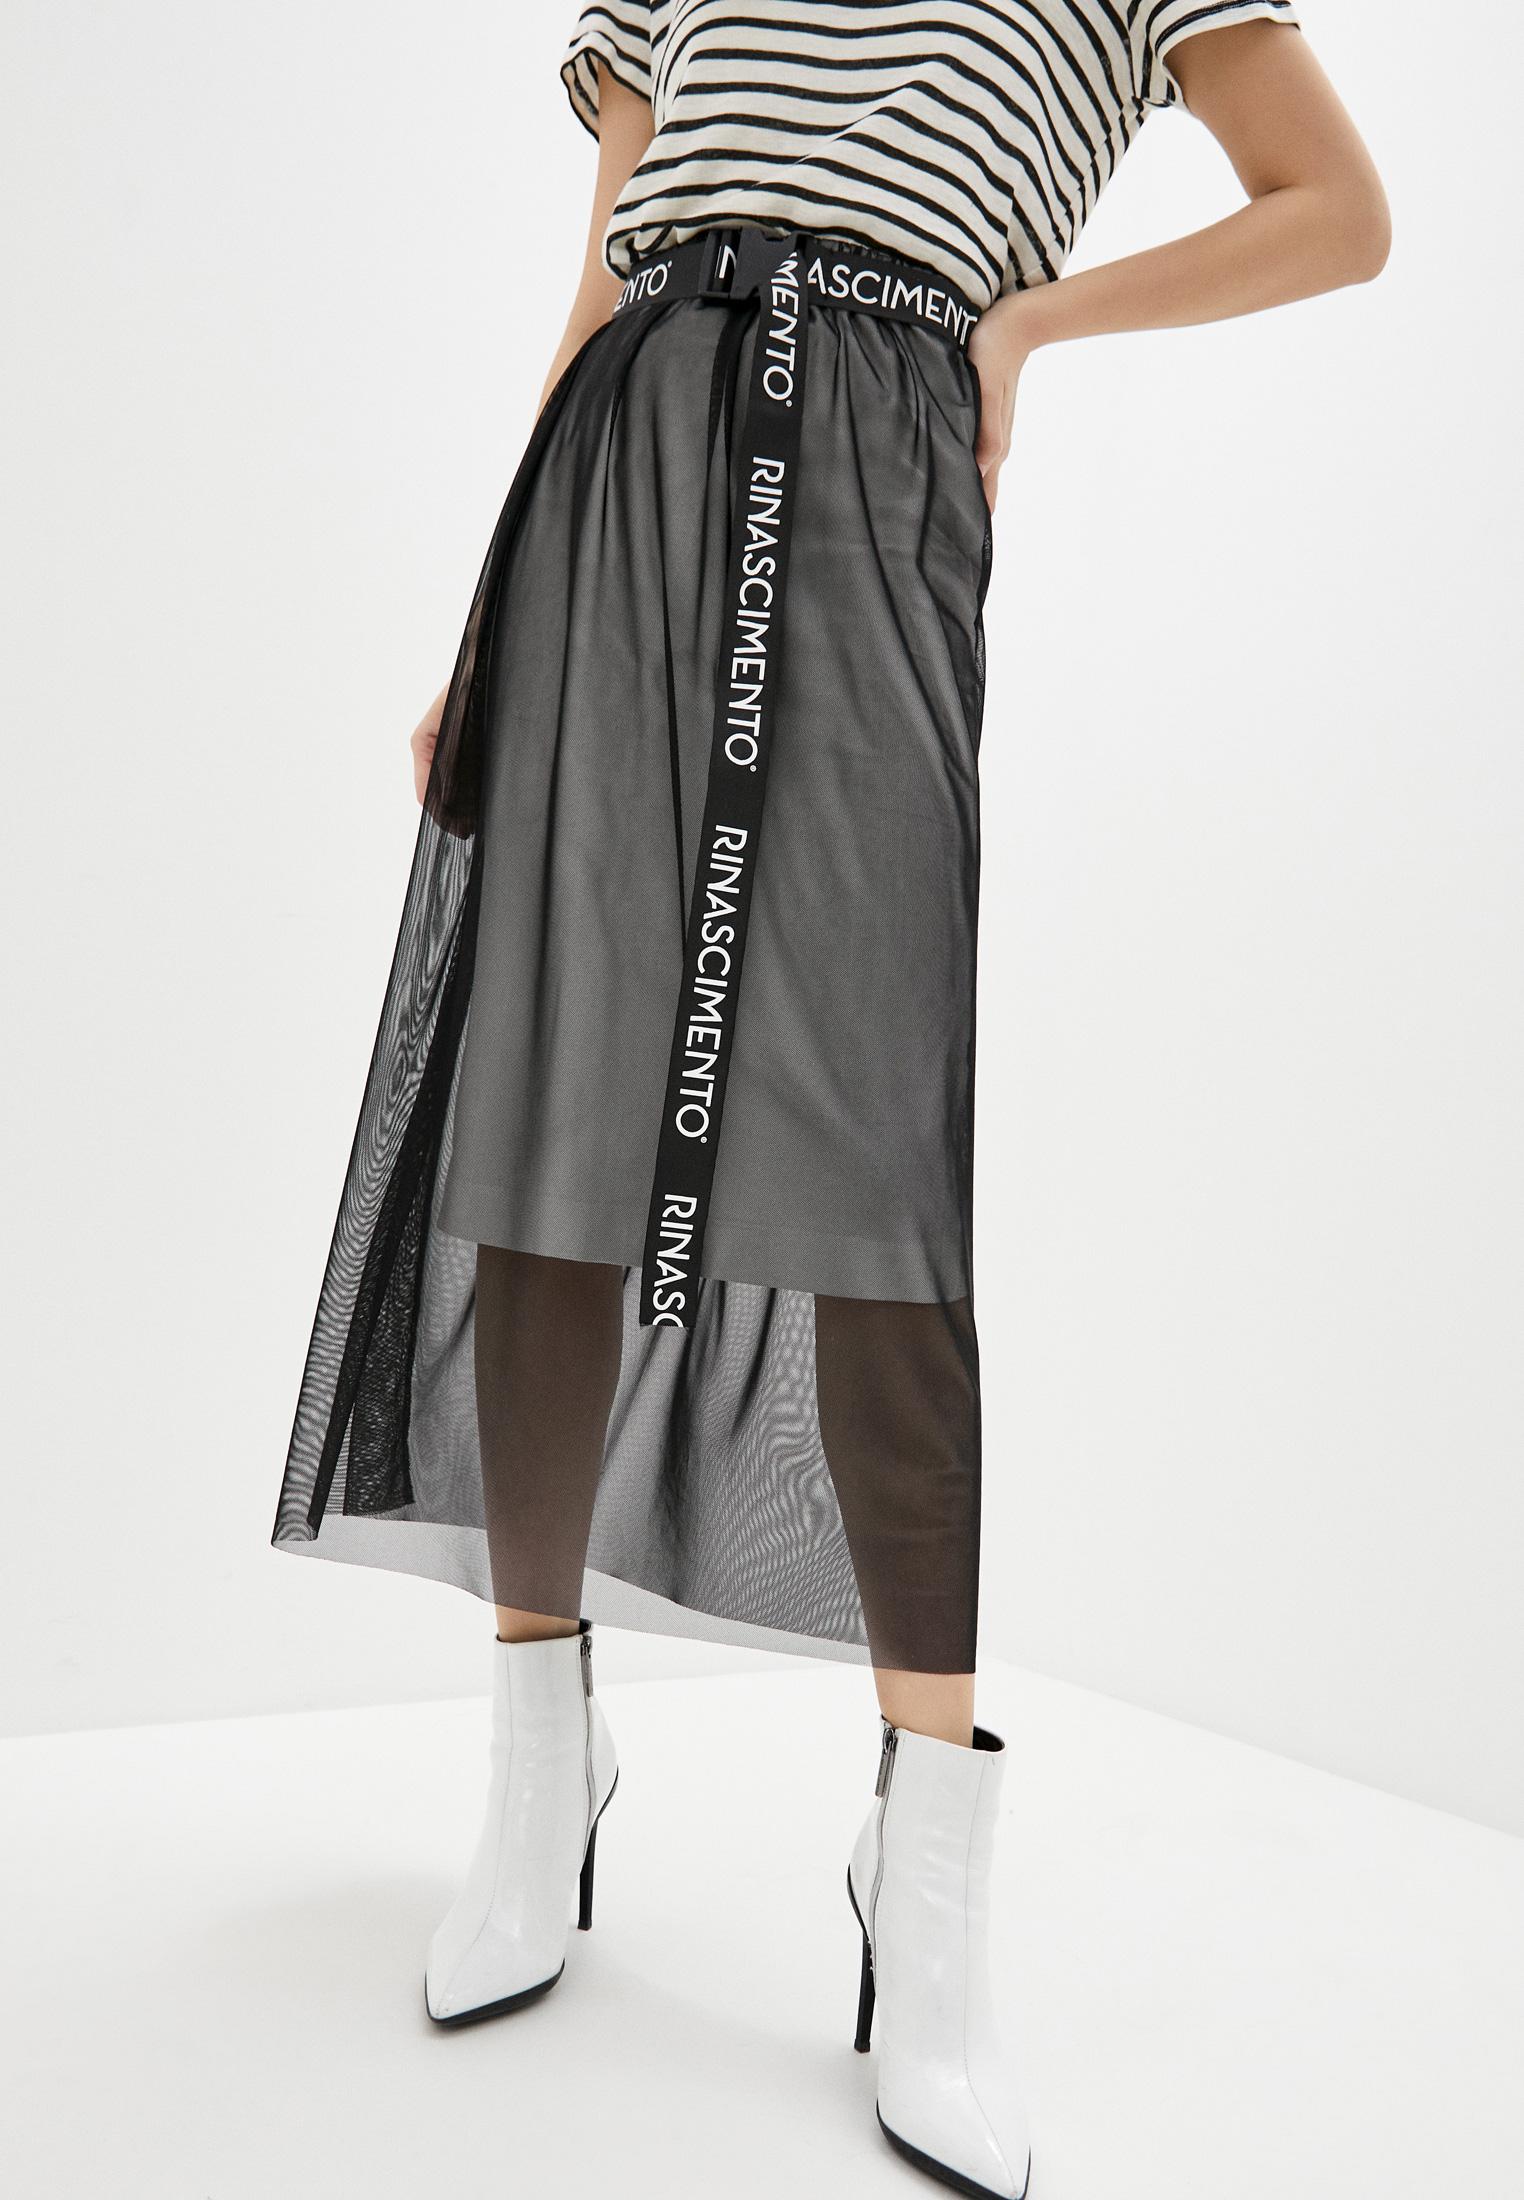 Прямая юбка Rinascimento (Ринасименто) CFC0101959003